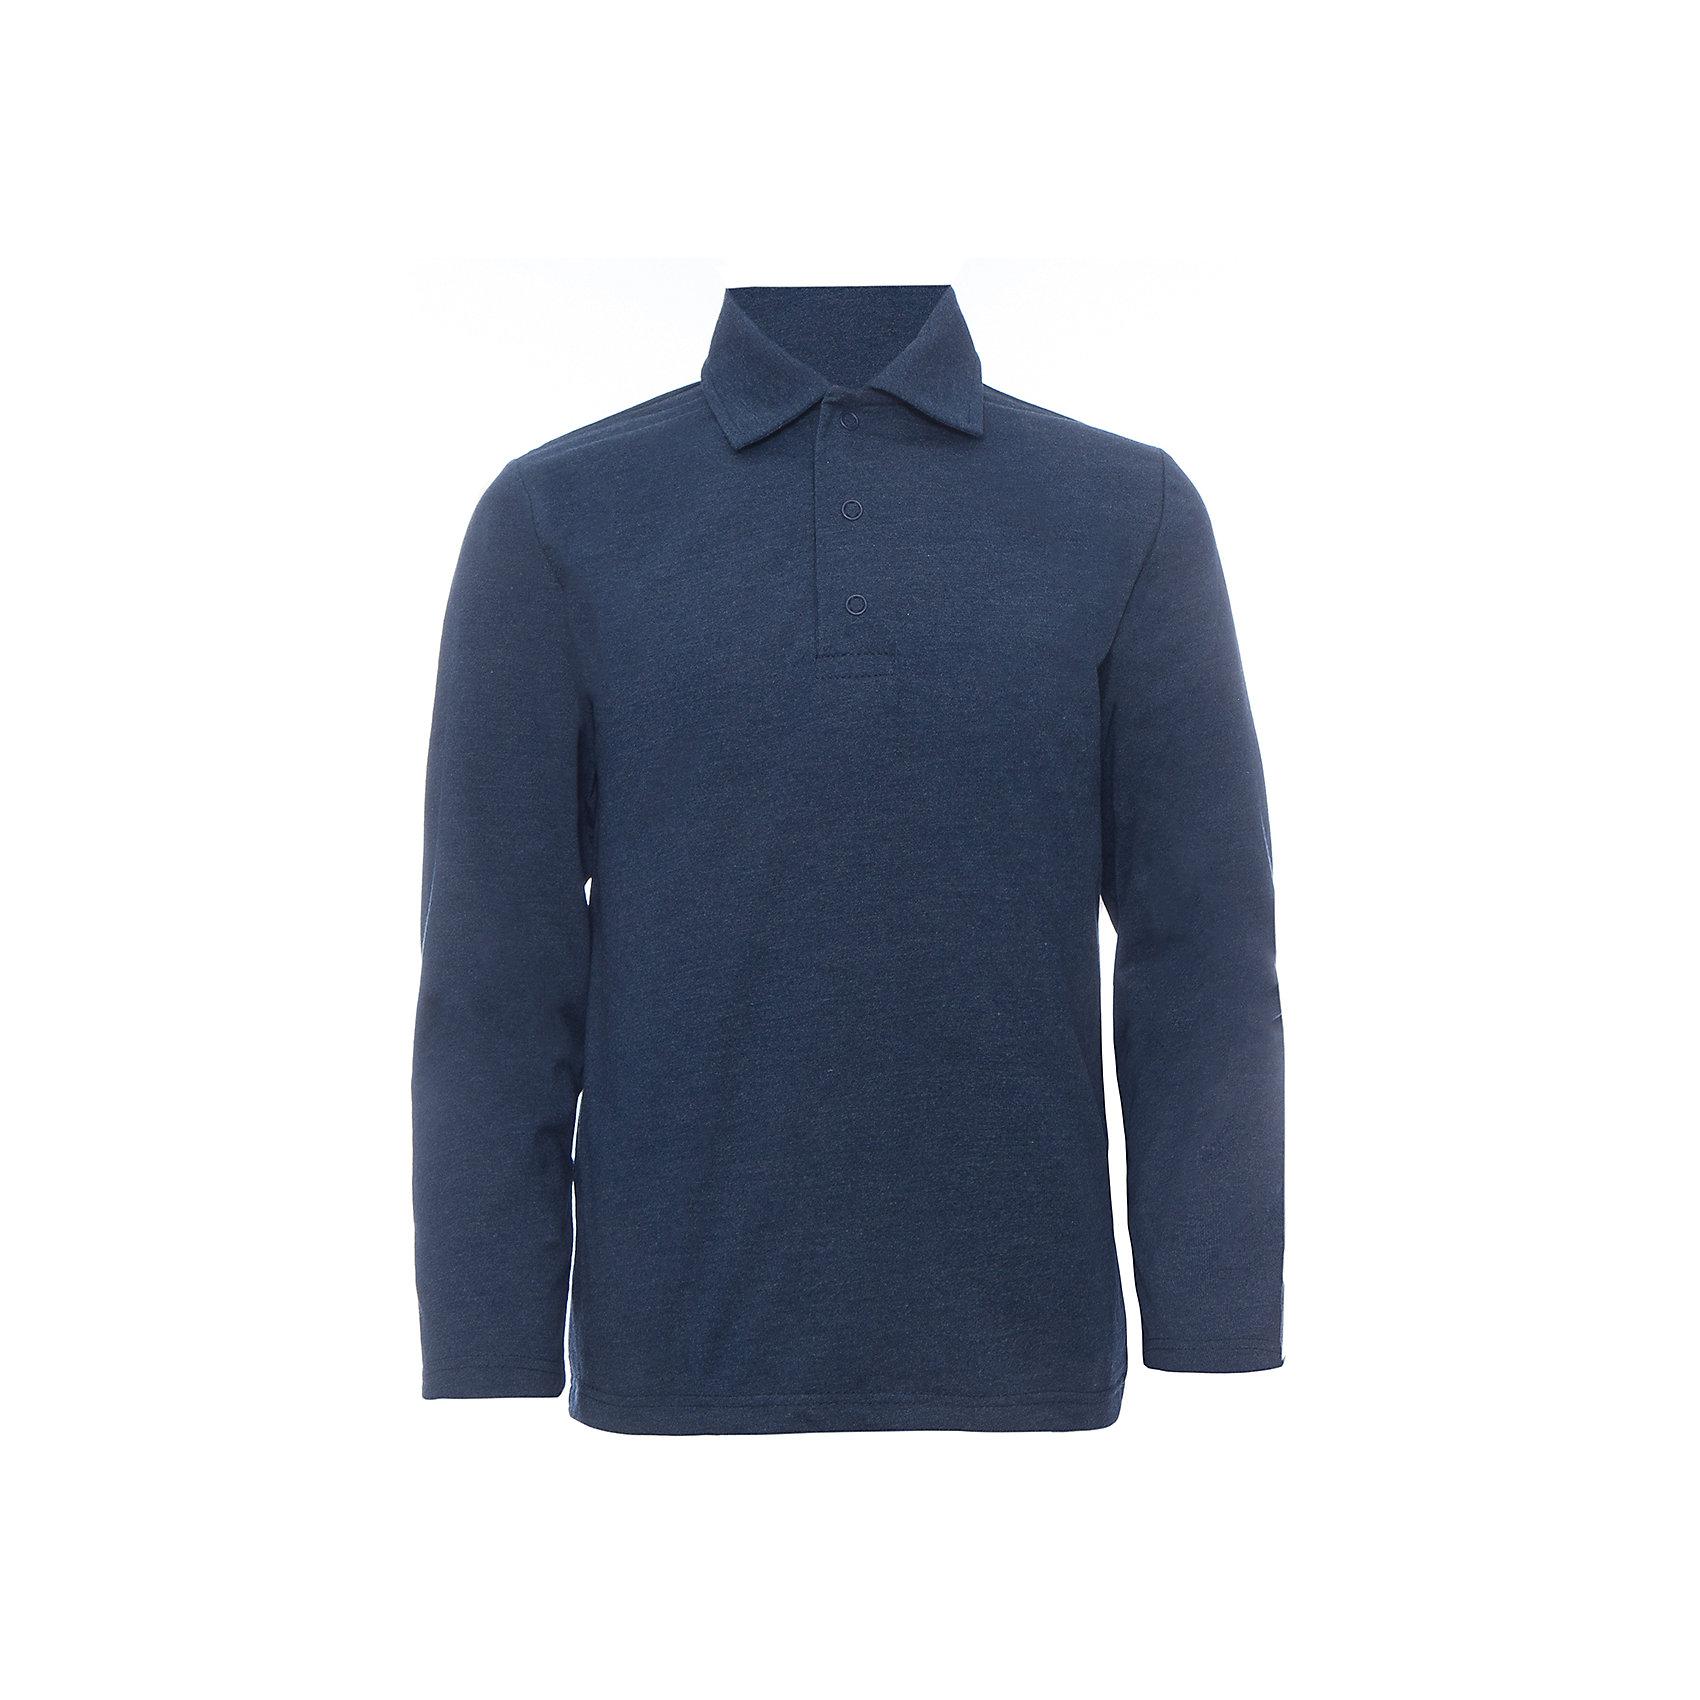 Футболка с длинным рукавом для мальчика Белый снегБлузки и рубашки<br>Футболка с длинным рукавом для мальчика от российской марки Белый снег.<br>Состав:<br>100%хлопок<br><br>Ширина мм: 230<br>Глубина мм: 40<br>Высота мм: 220<br>Вес г: 250<br>Цвет: синий<br>Возраст от месяцев: 144<br>Возраст до месяцев: 156<br>Пол: Мужской<br>Возраст: Детский<br>Размер: 158,152,122/128,134,140/146<br>SKU: 4666692